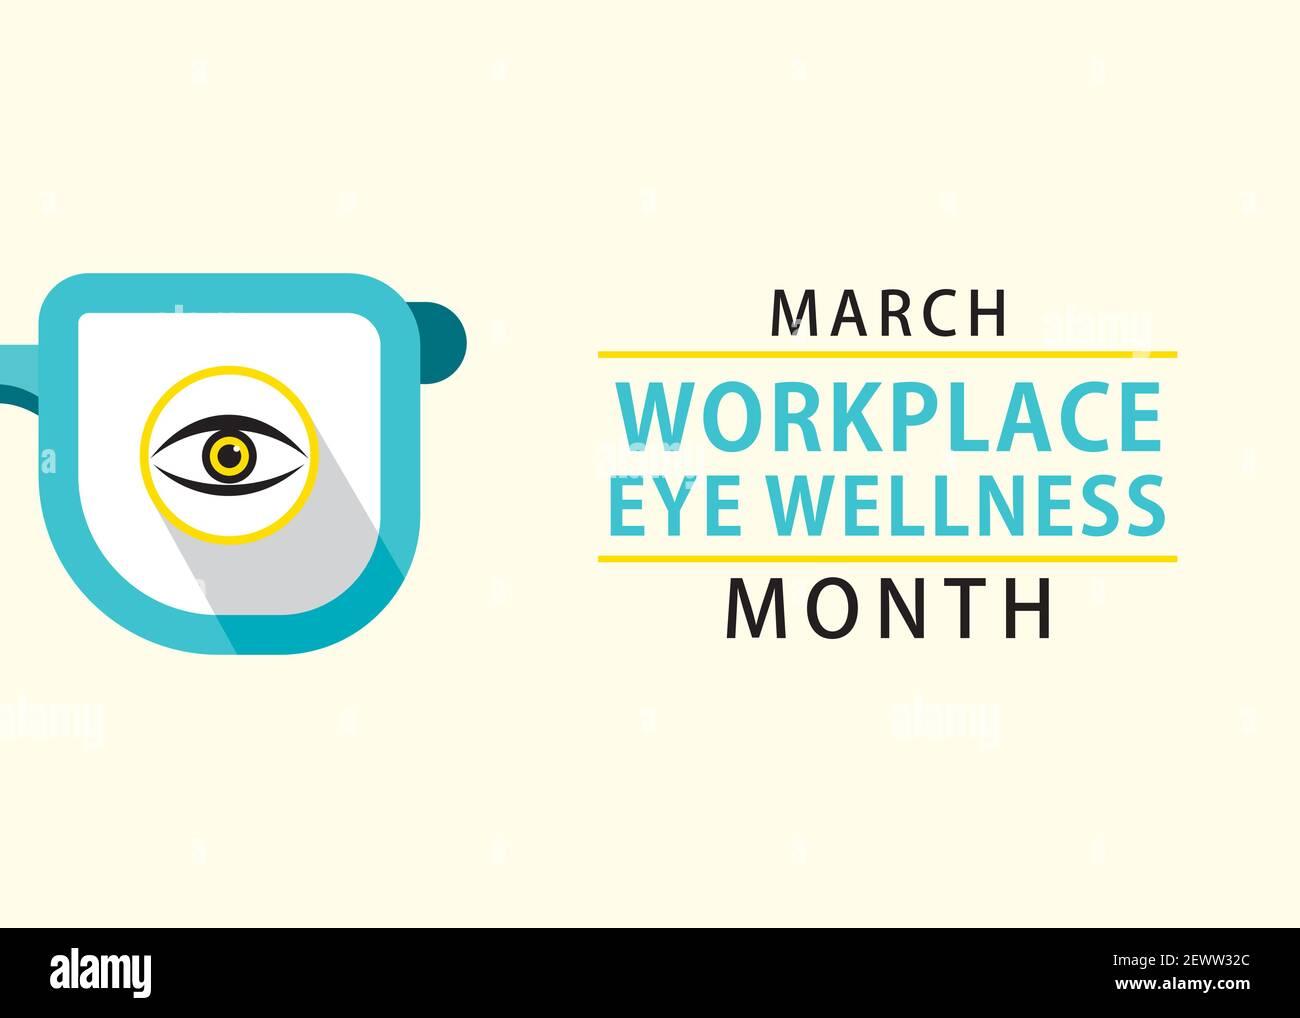 l'illustration vectorielle de mars est le thème du mois du bien-être oculaire en milieu de travail conception Illustration de Vecteur